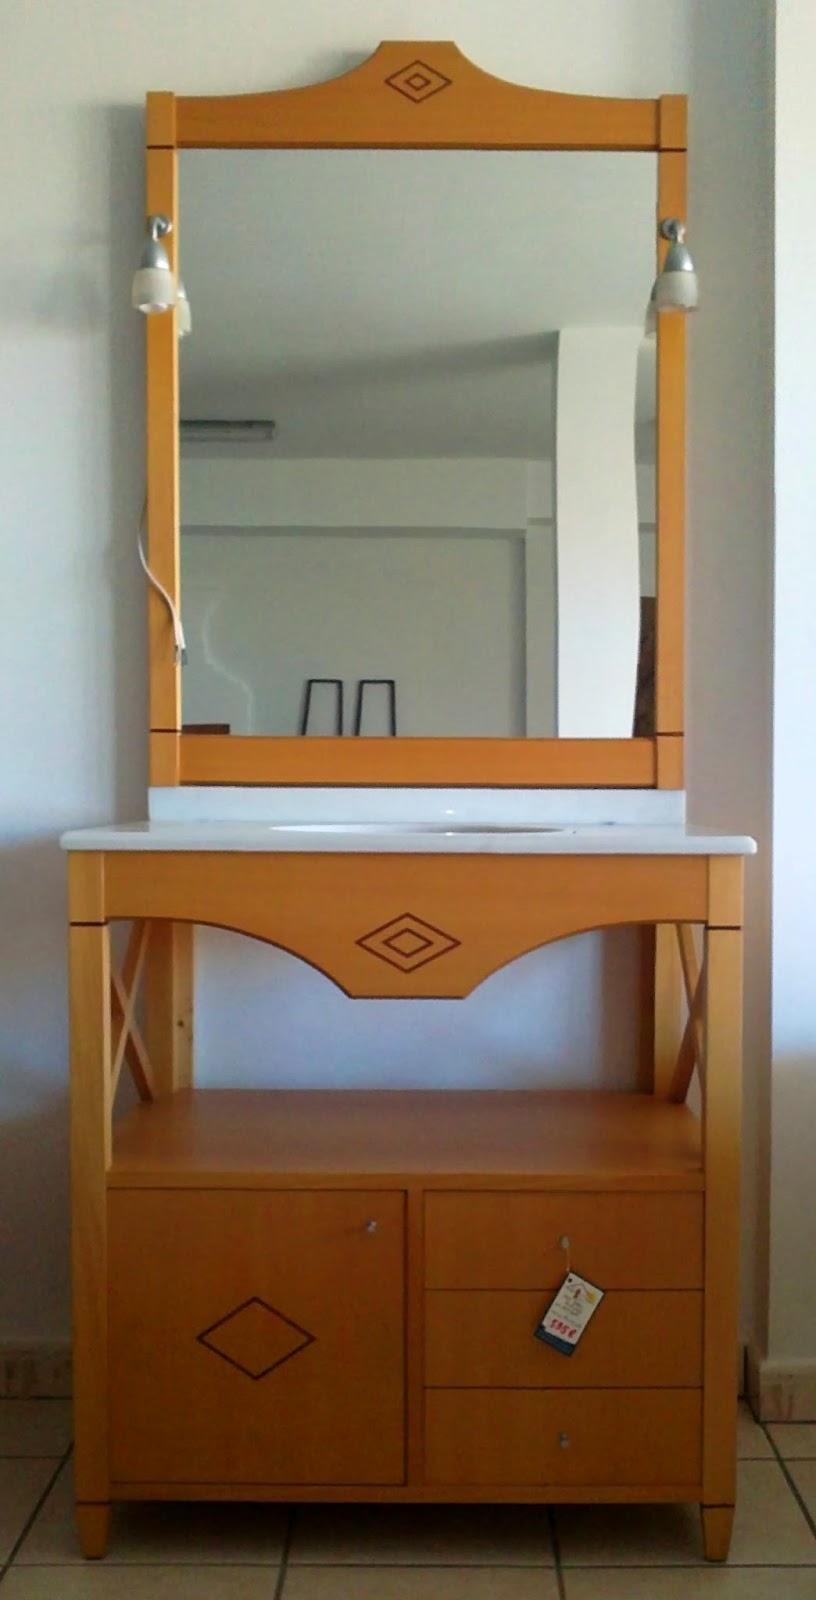 La buhardilla mobiliario oferta abril mueble ba o for Oferta mueble bano